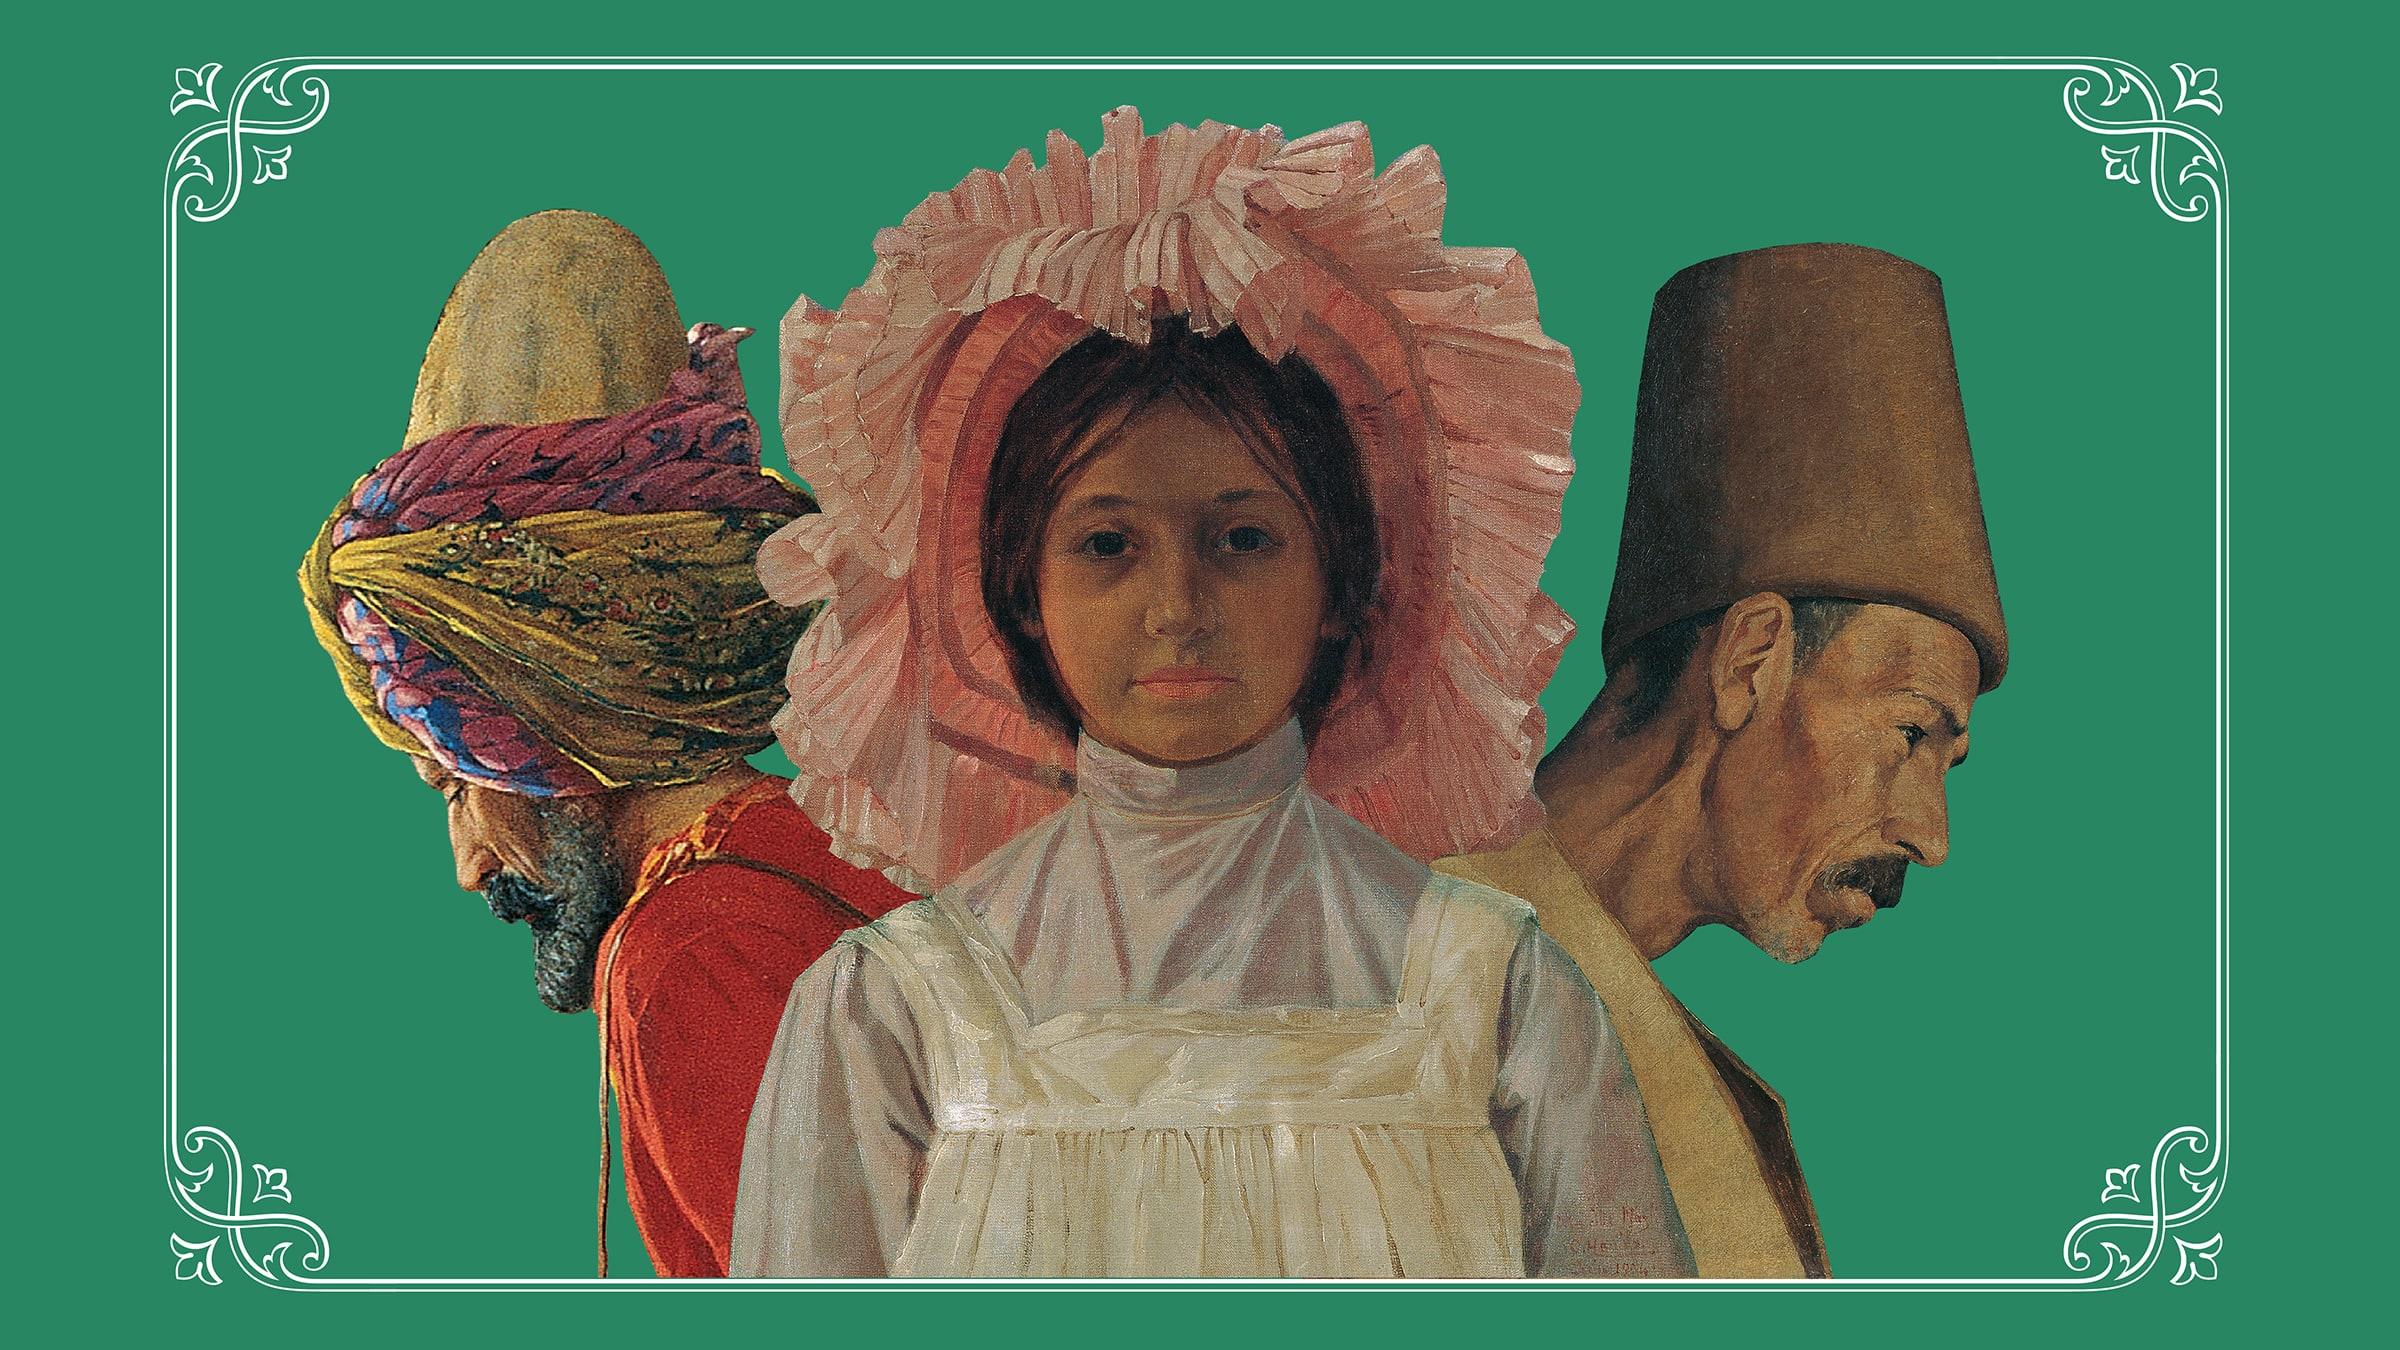 Osman Hamdi Bey'in Dünyasına Yolculuk<br>Sanal Gerçeklik Deneyimi